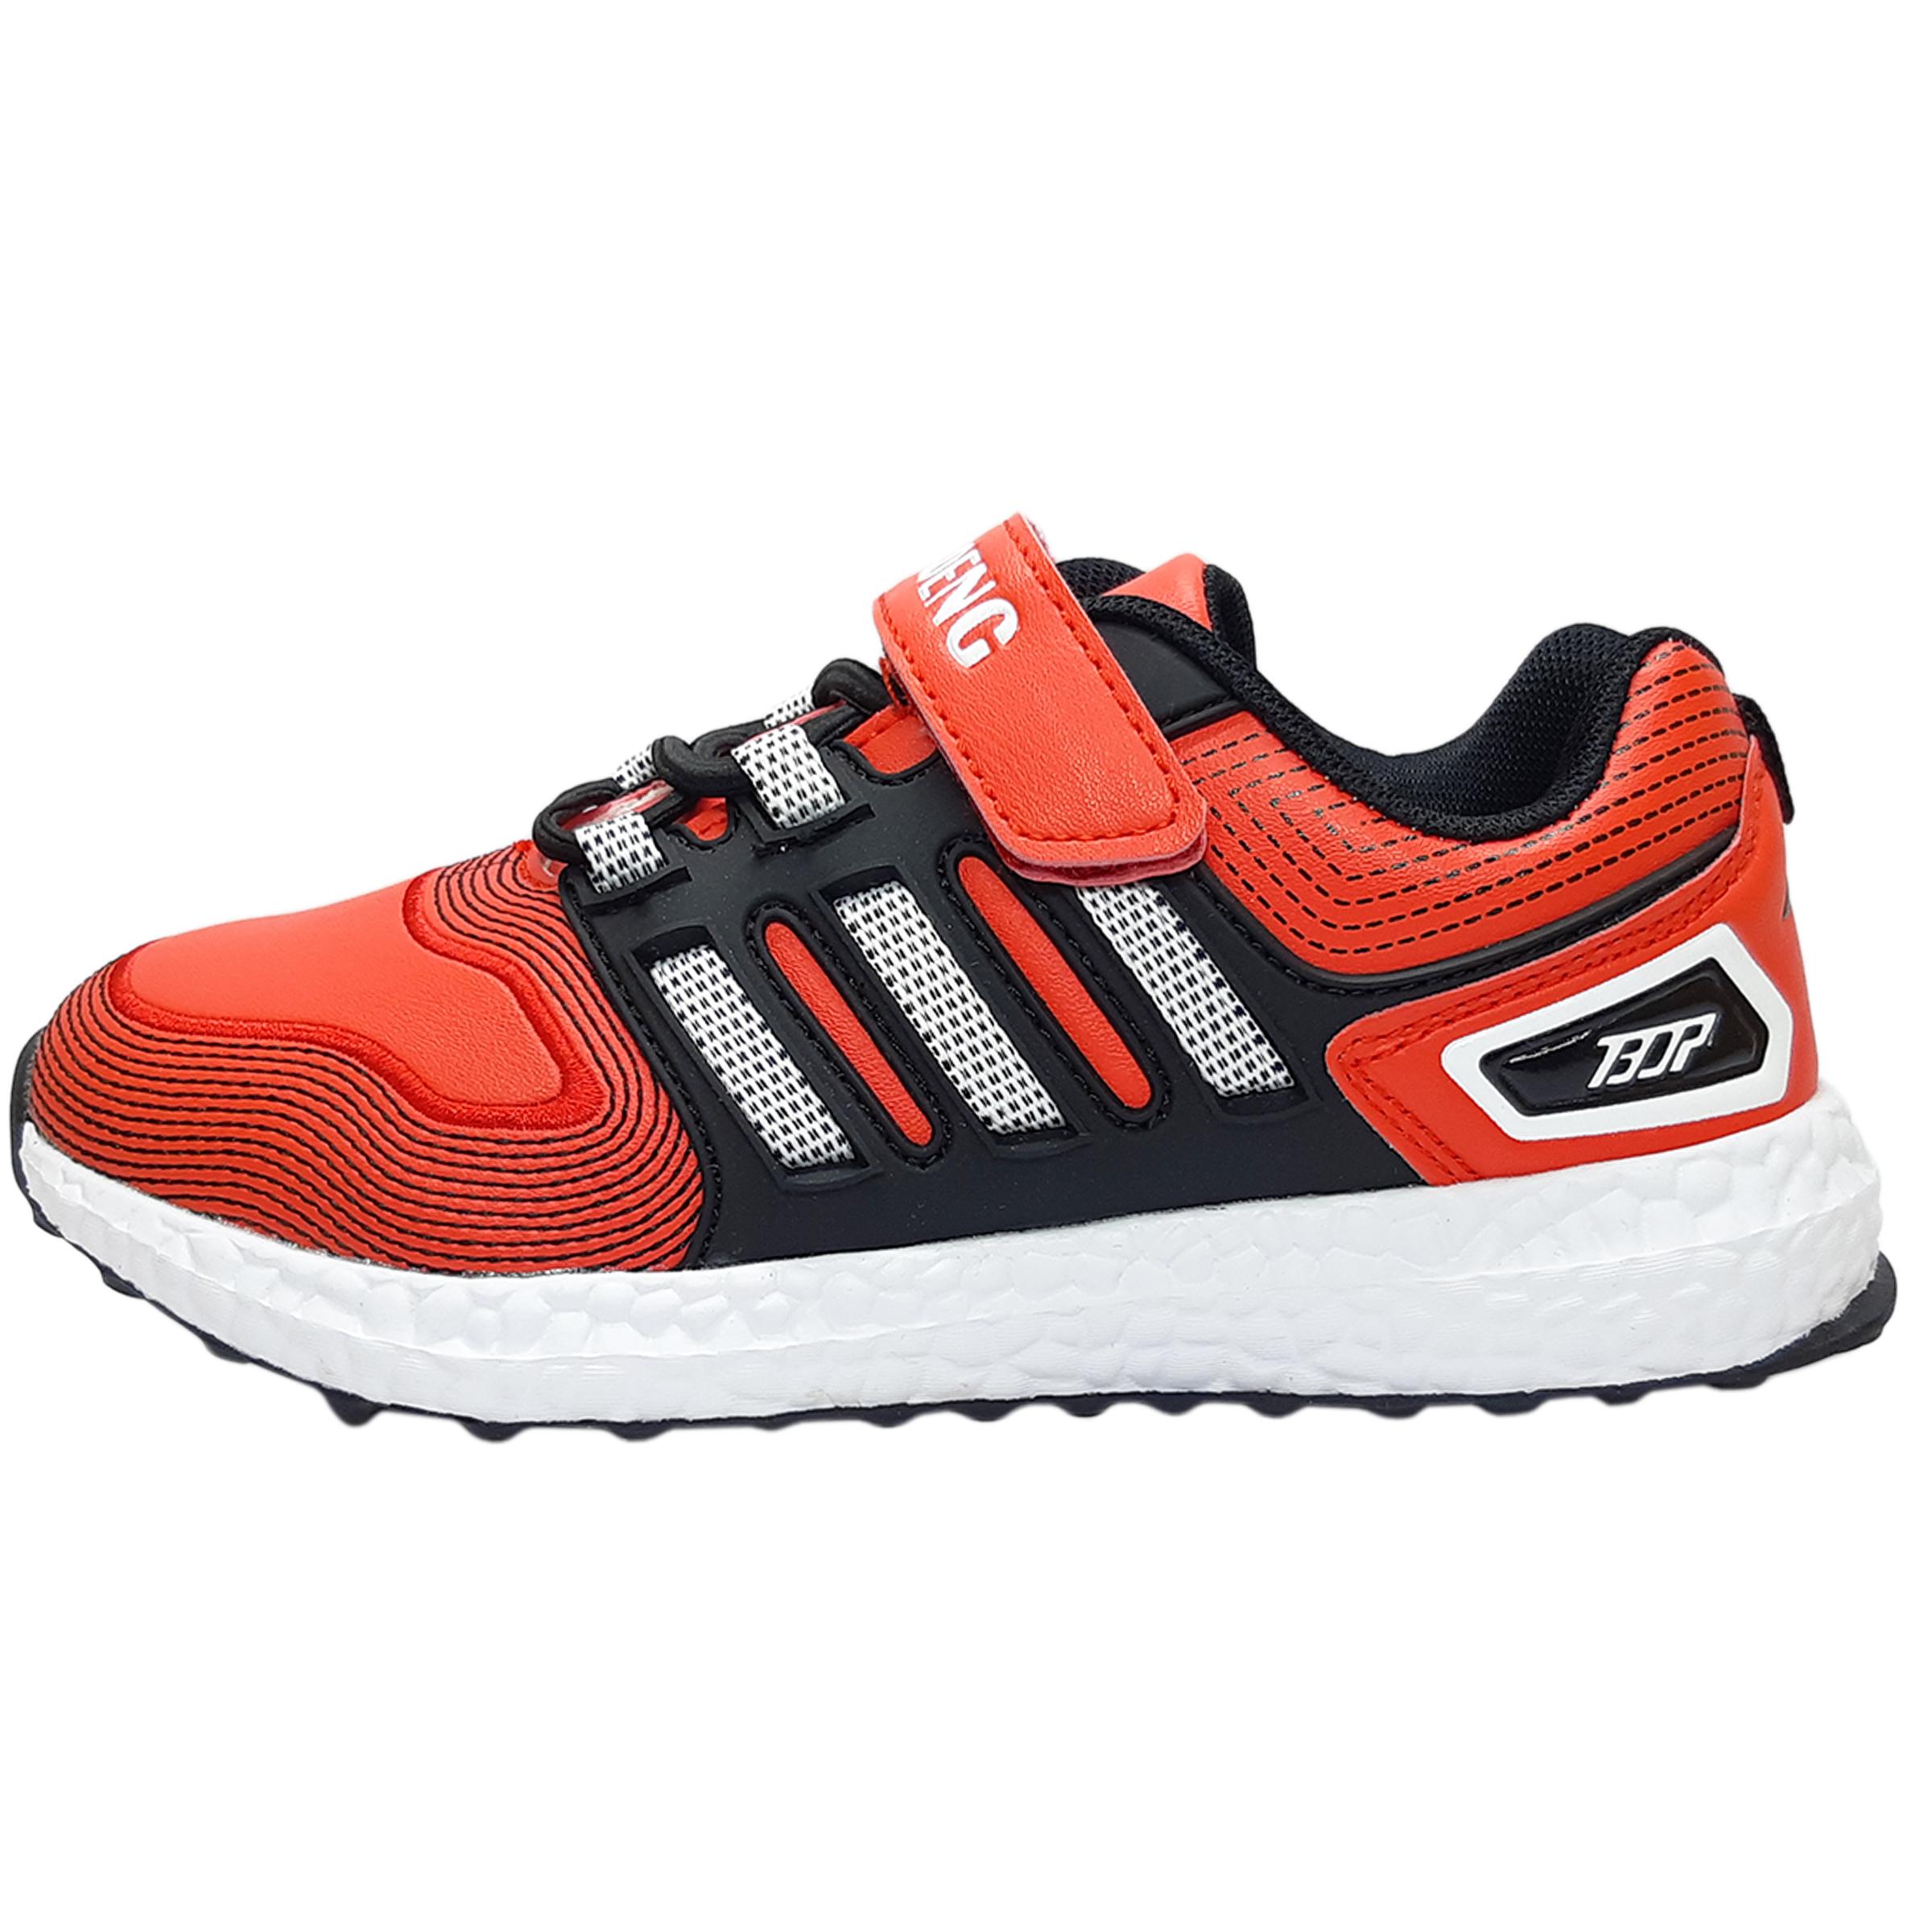 کفش مخصوص پیاده روی بچگانه بانگدنگ کد 2211